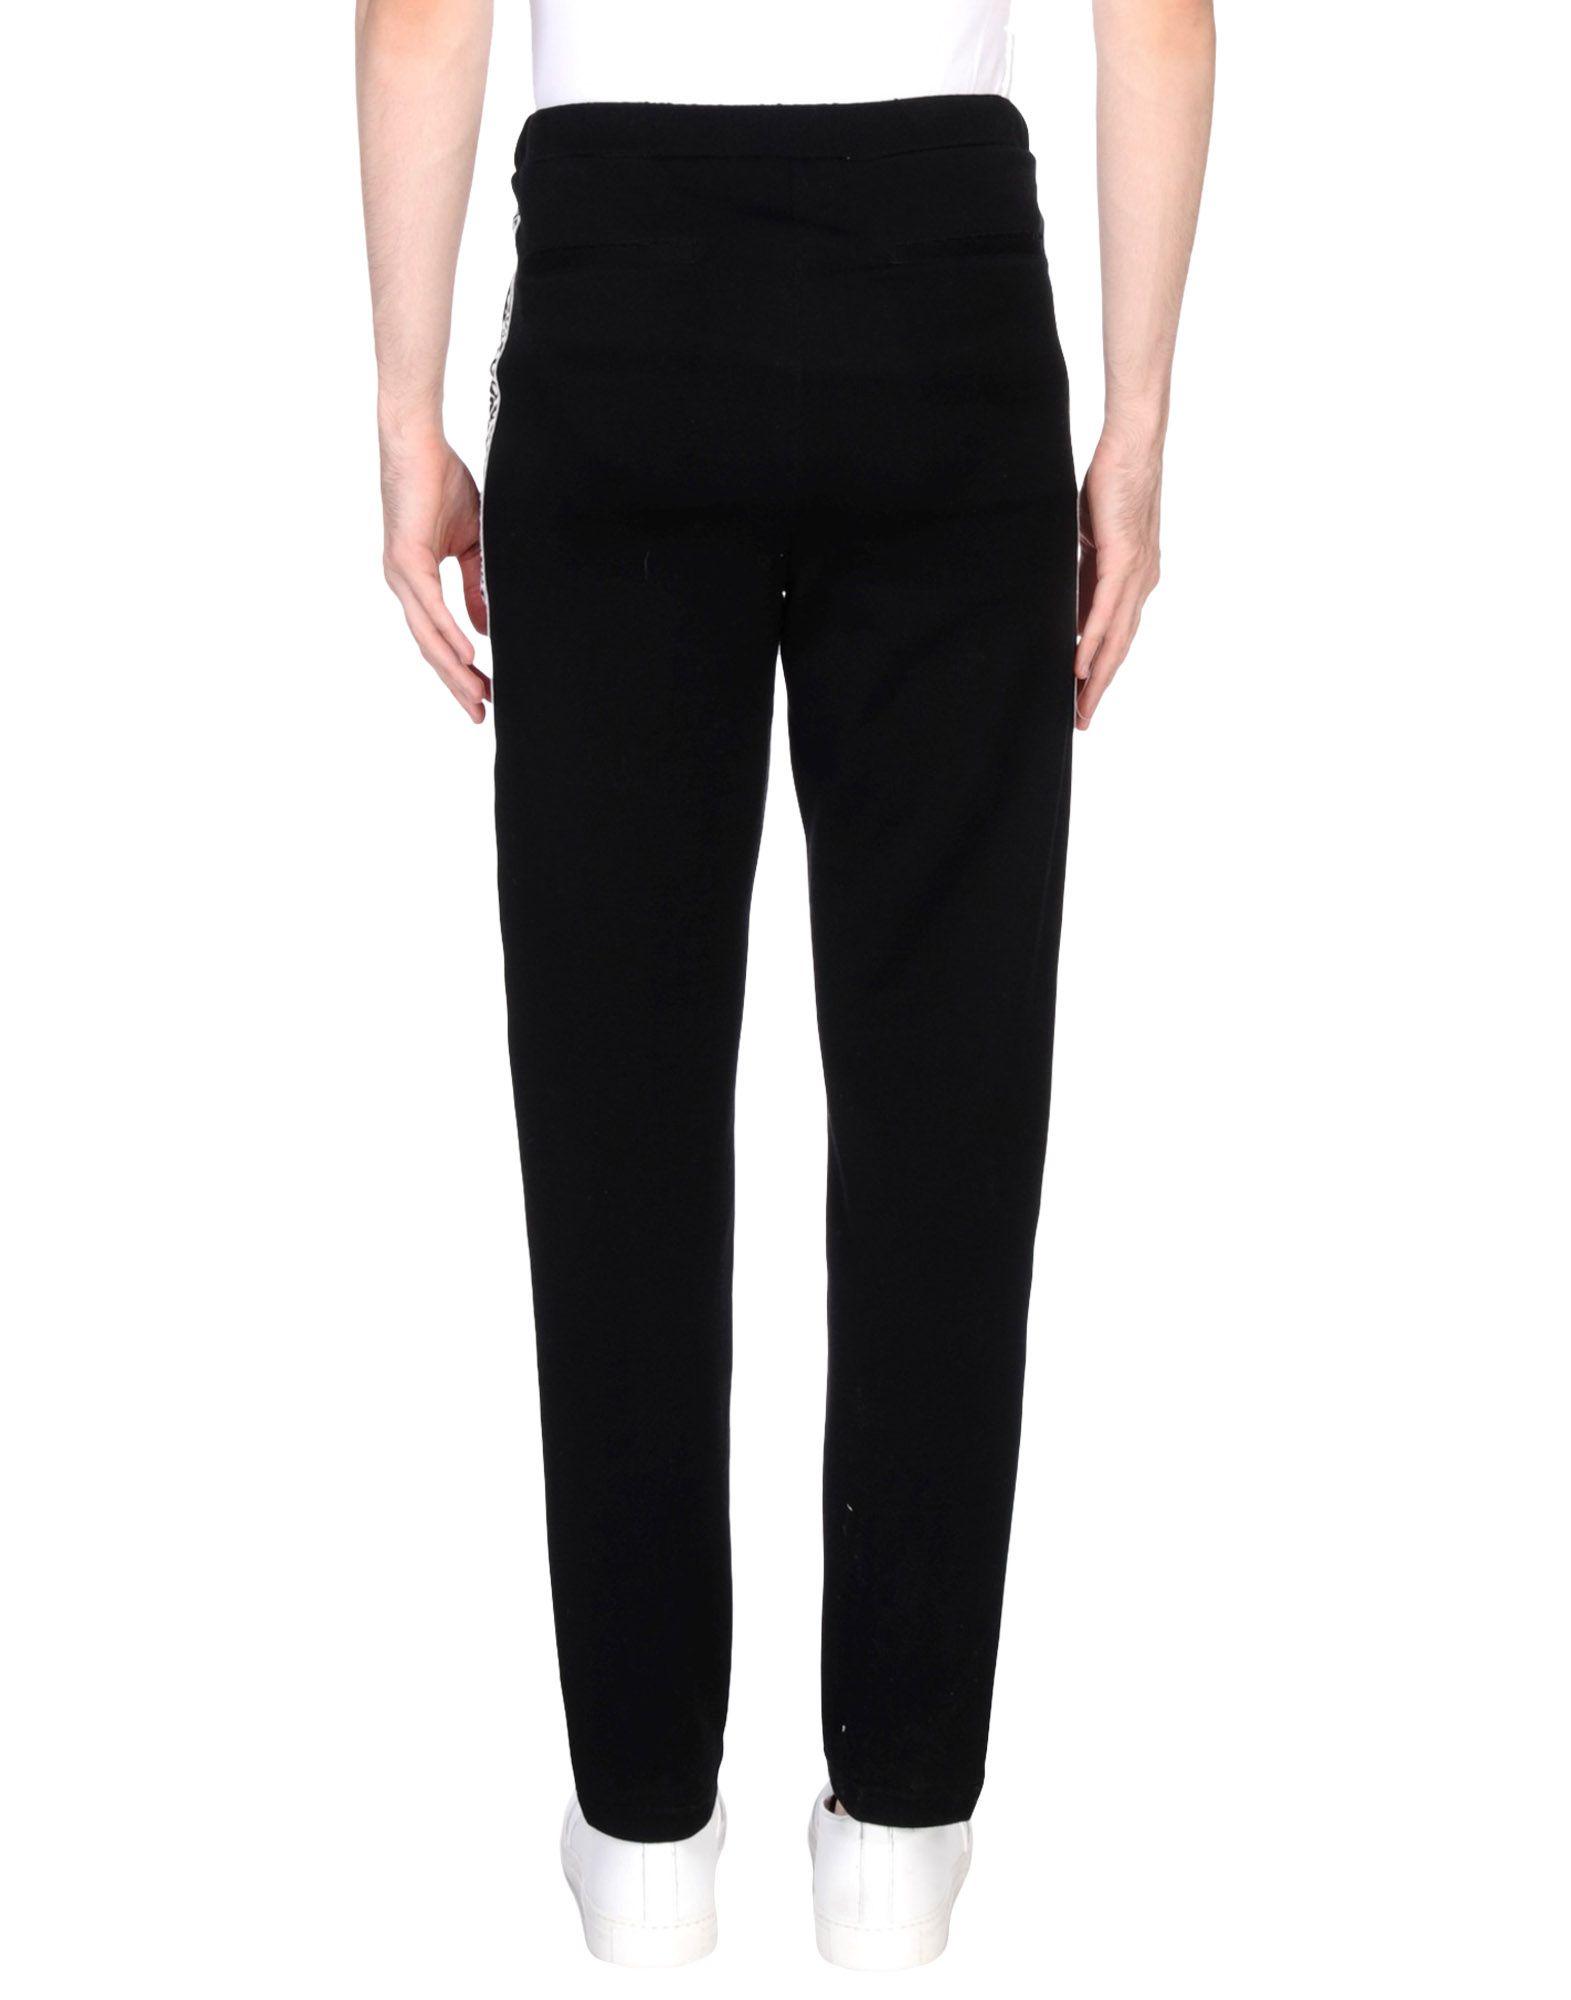 Pantalone Pantalone Pantalone Alexander Mcqueen Uomo - 13111534AK 83d86e